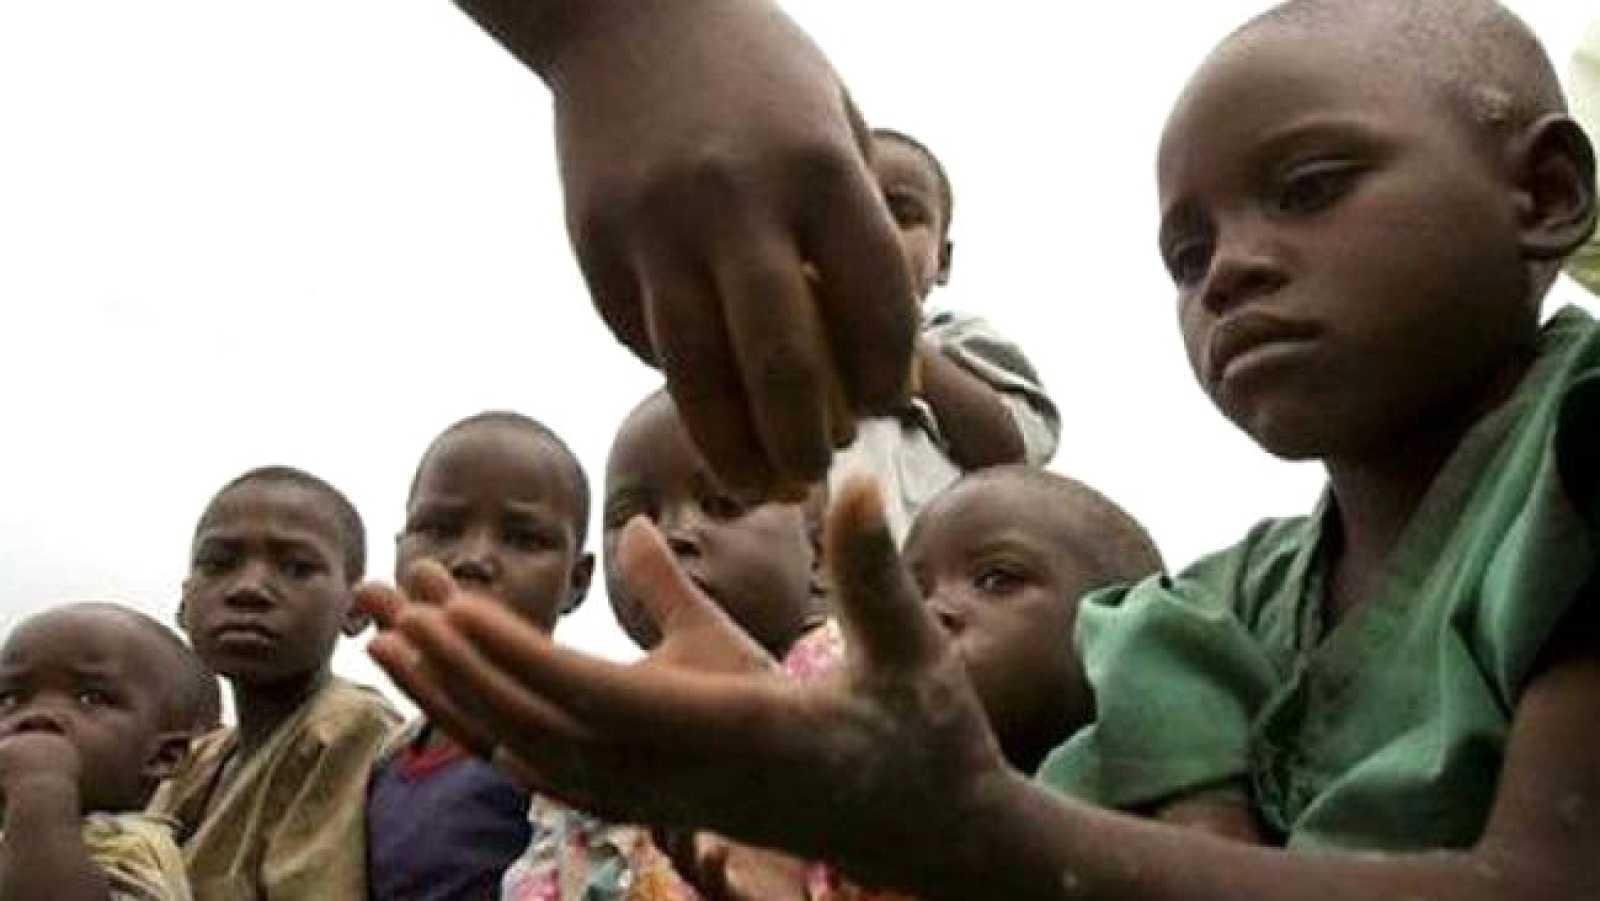 Cooperación es Desarrollo - I Cumbre Mundial contra el Hambre - 28/10/18 - escuchar ahora